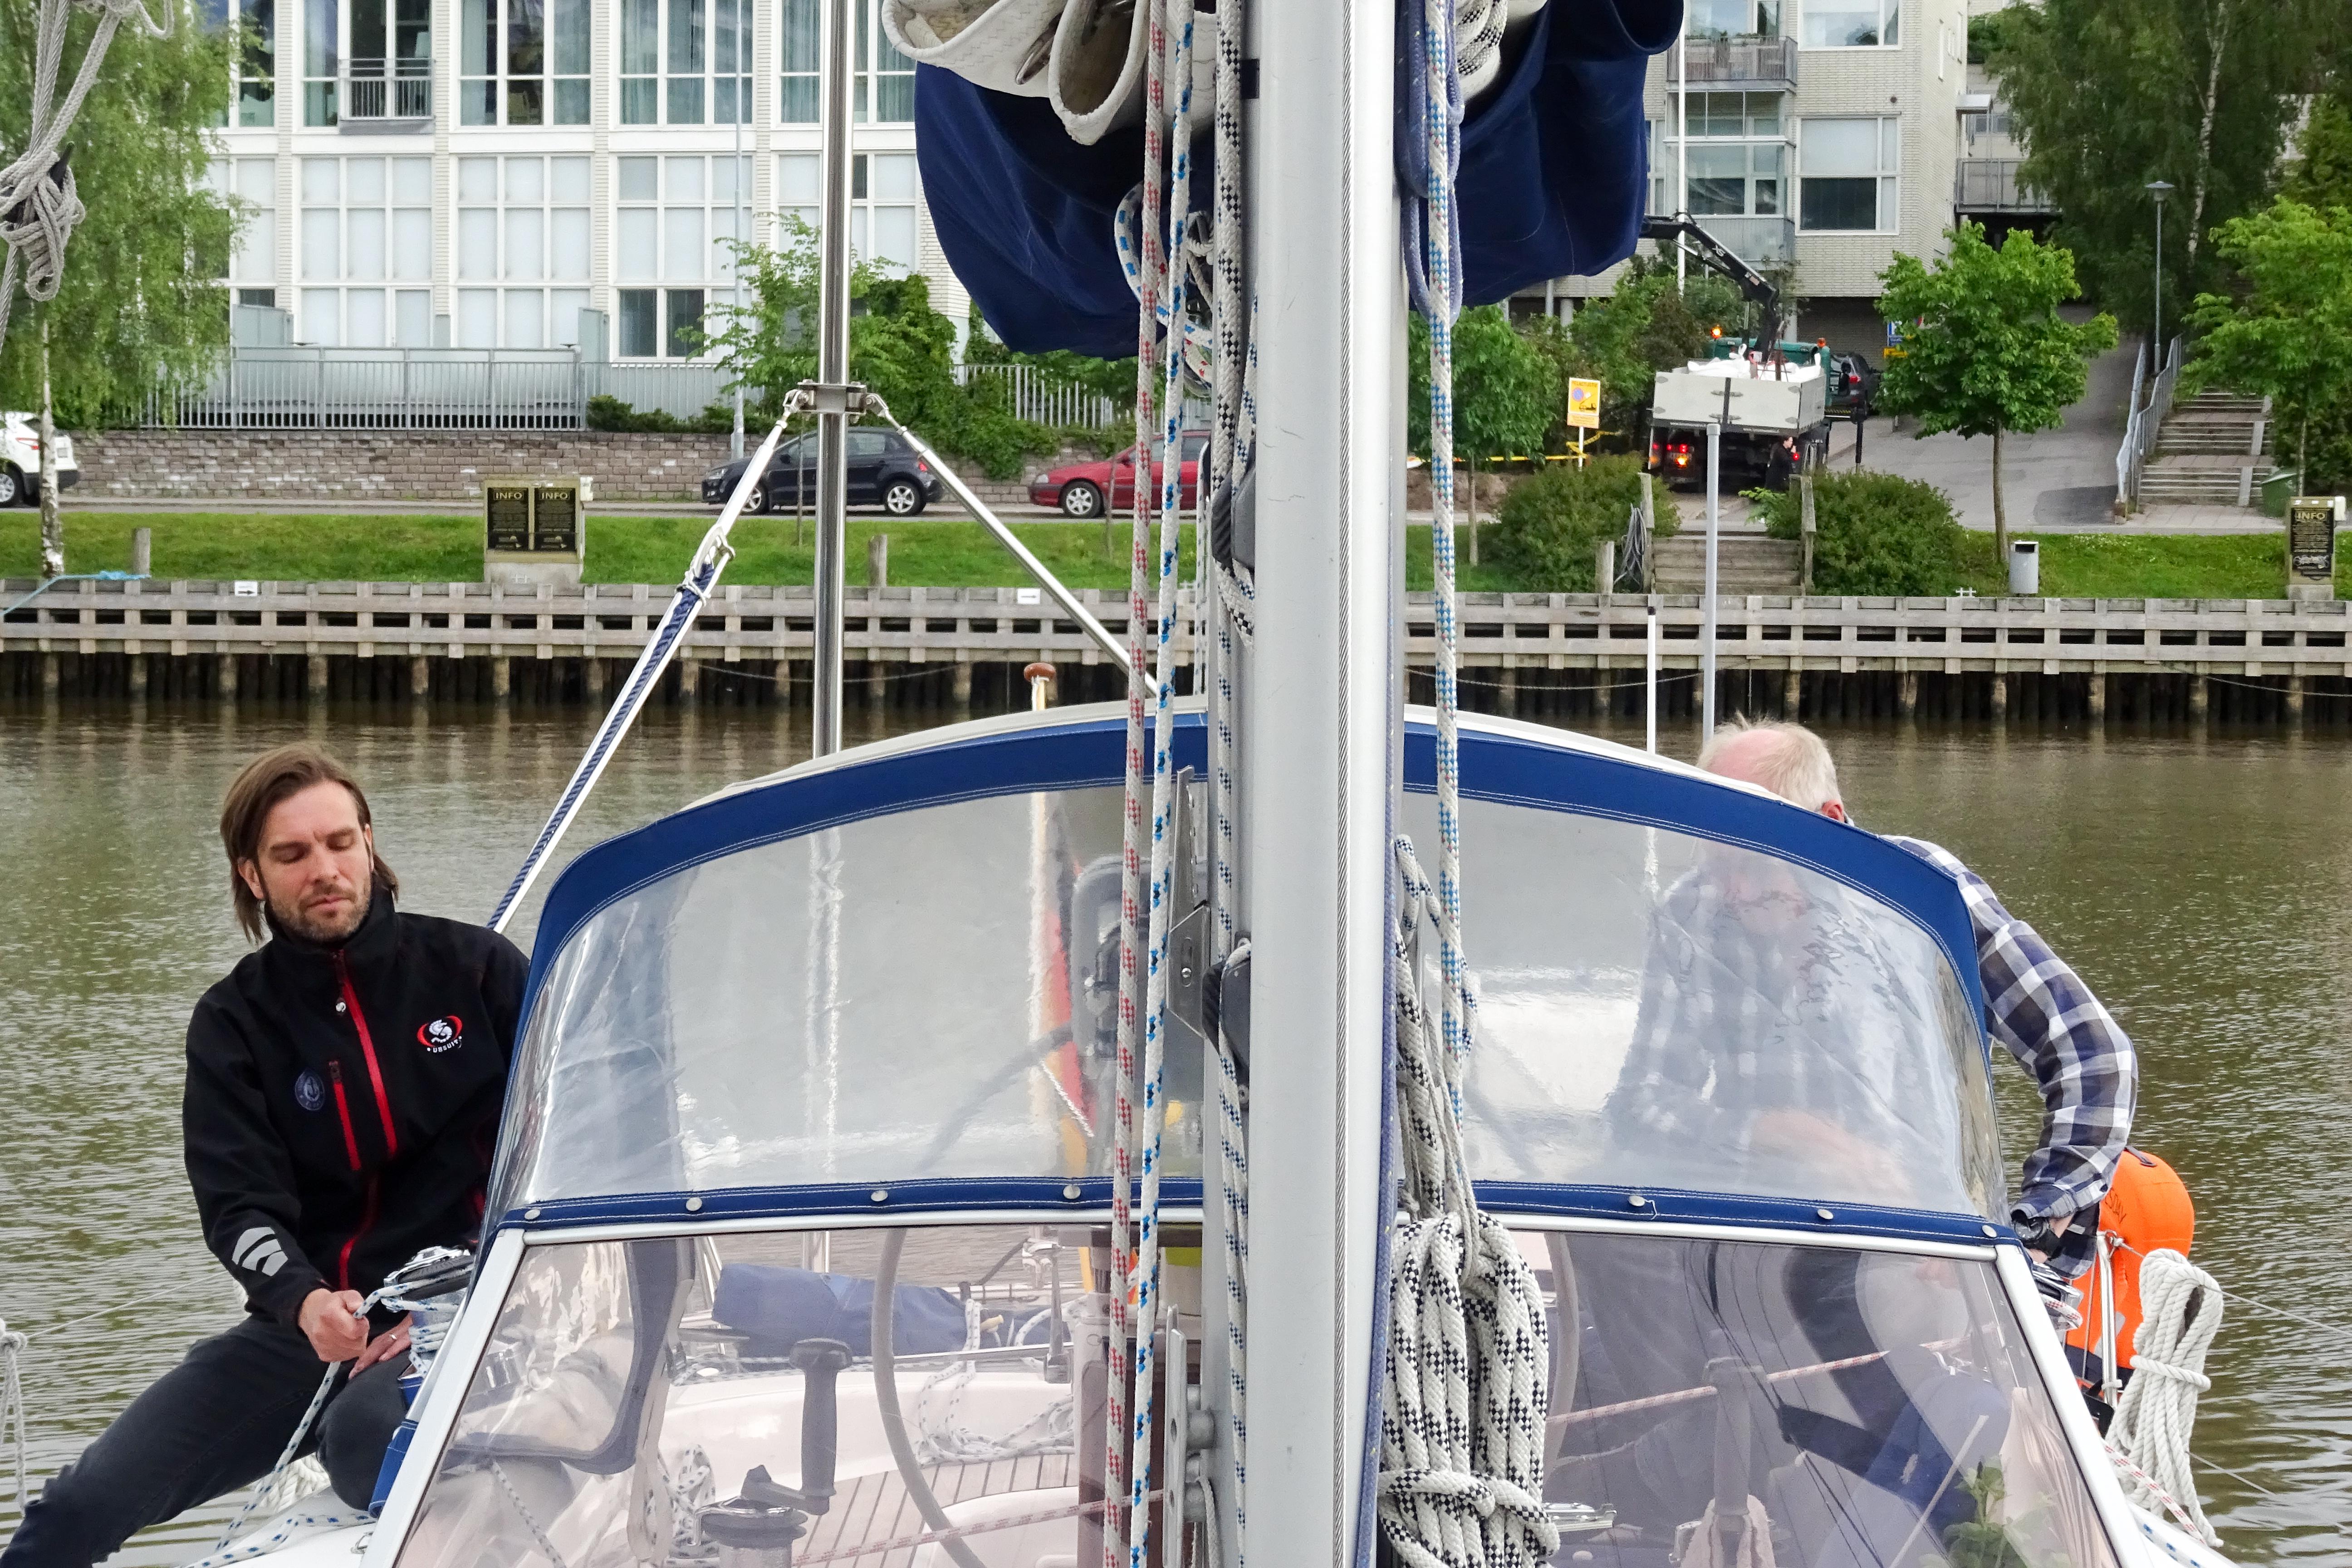 Toni, der Hafenmeister und Peter warten darauf, den jungen Mann wieder vom Mast herunter zu lassen